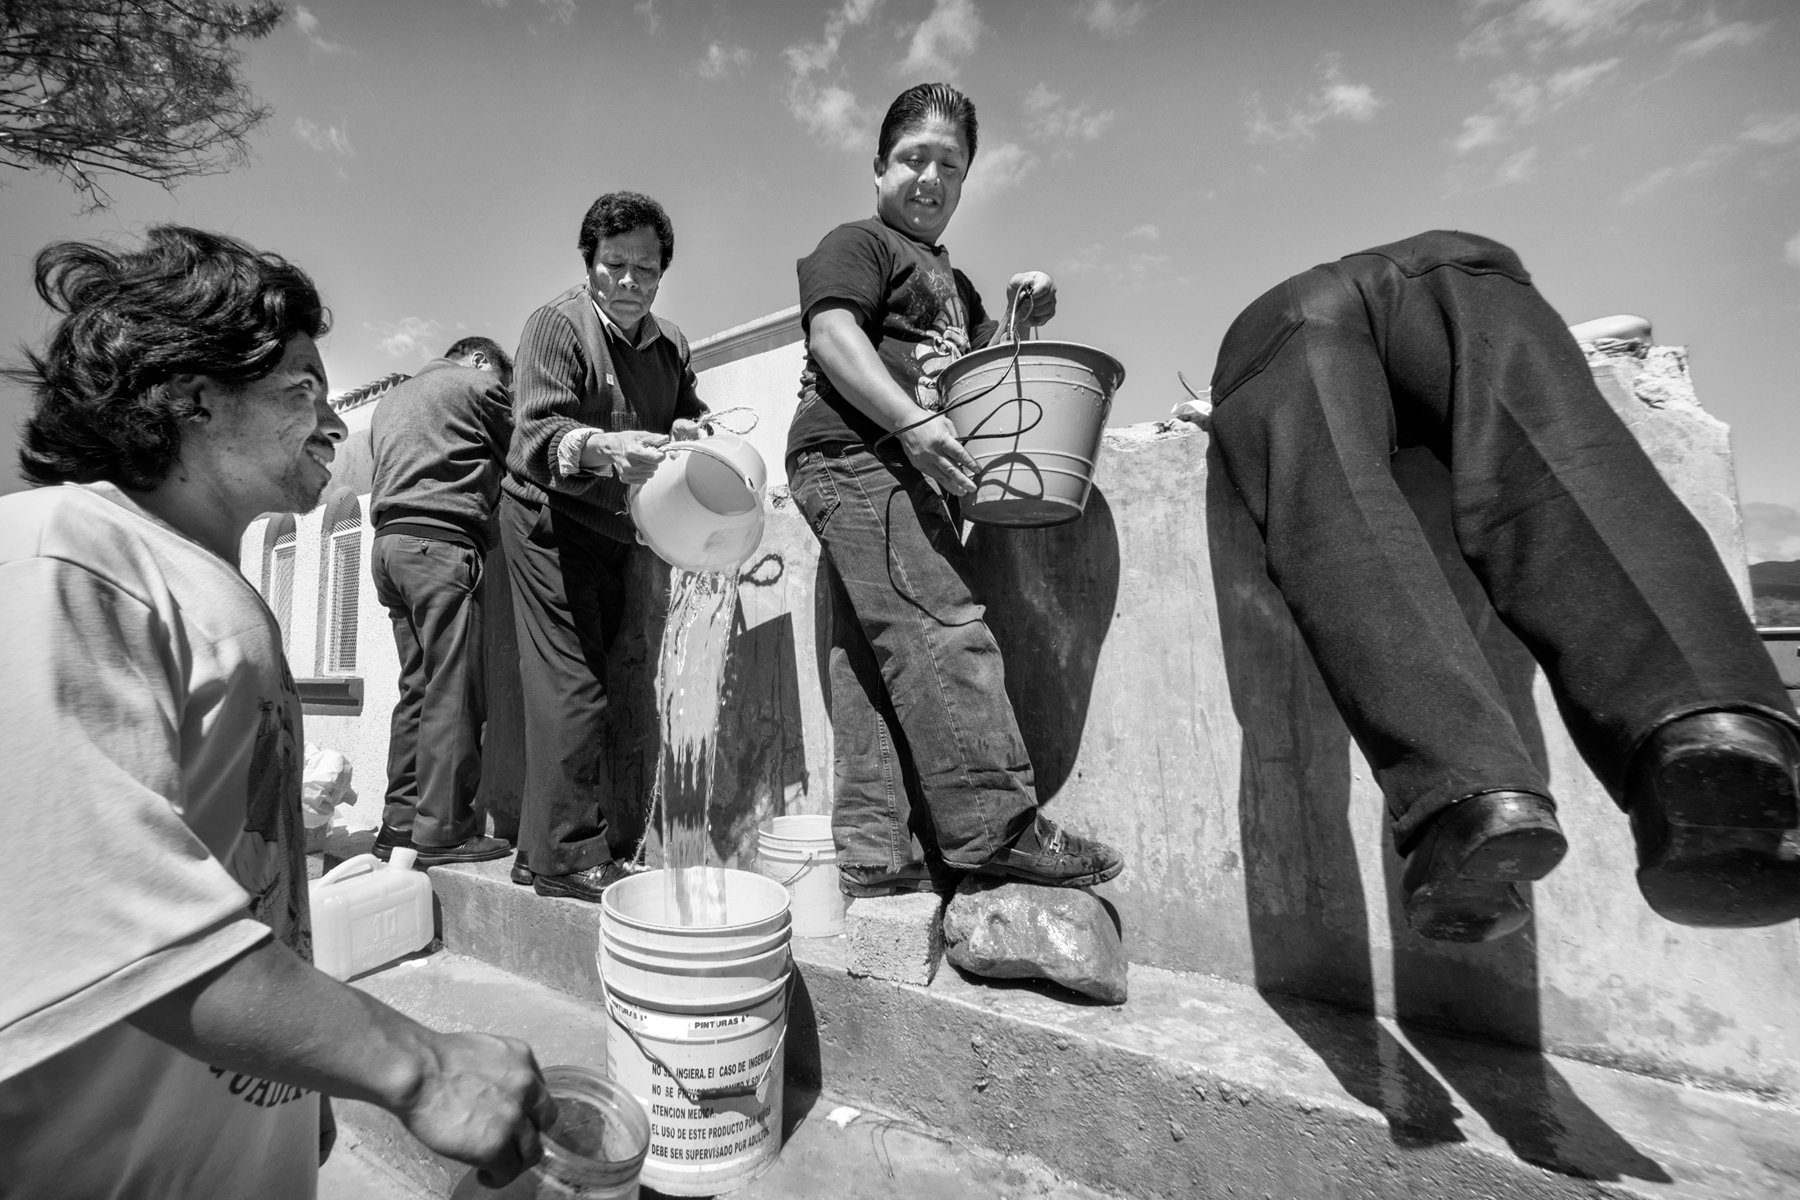 Getting water, Dia de los Muertos